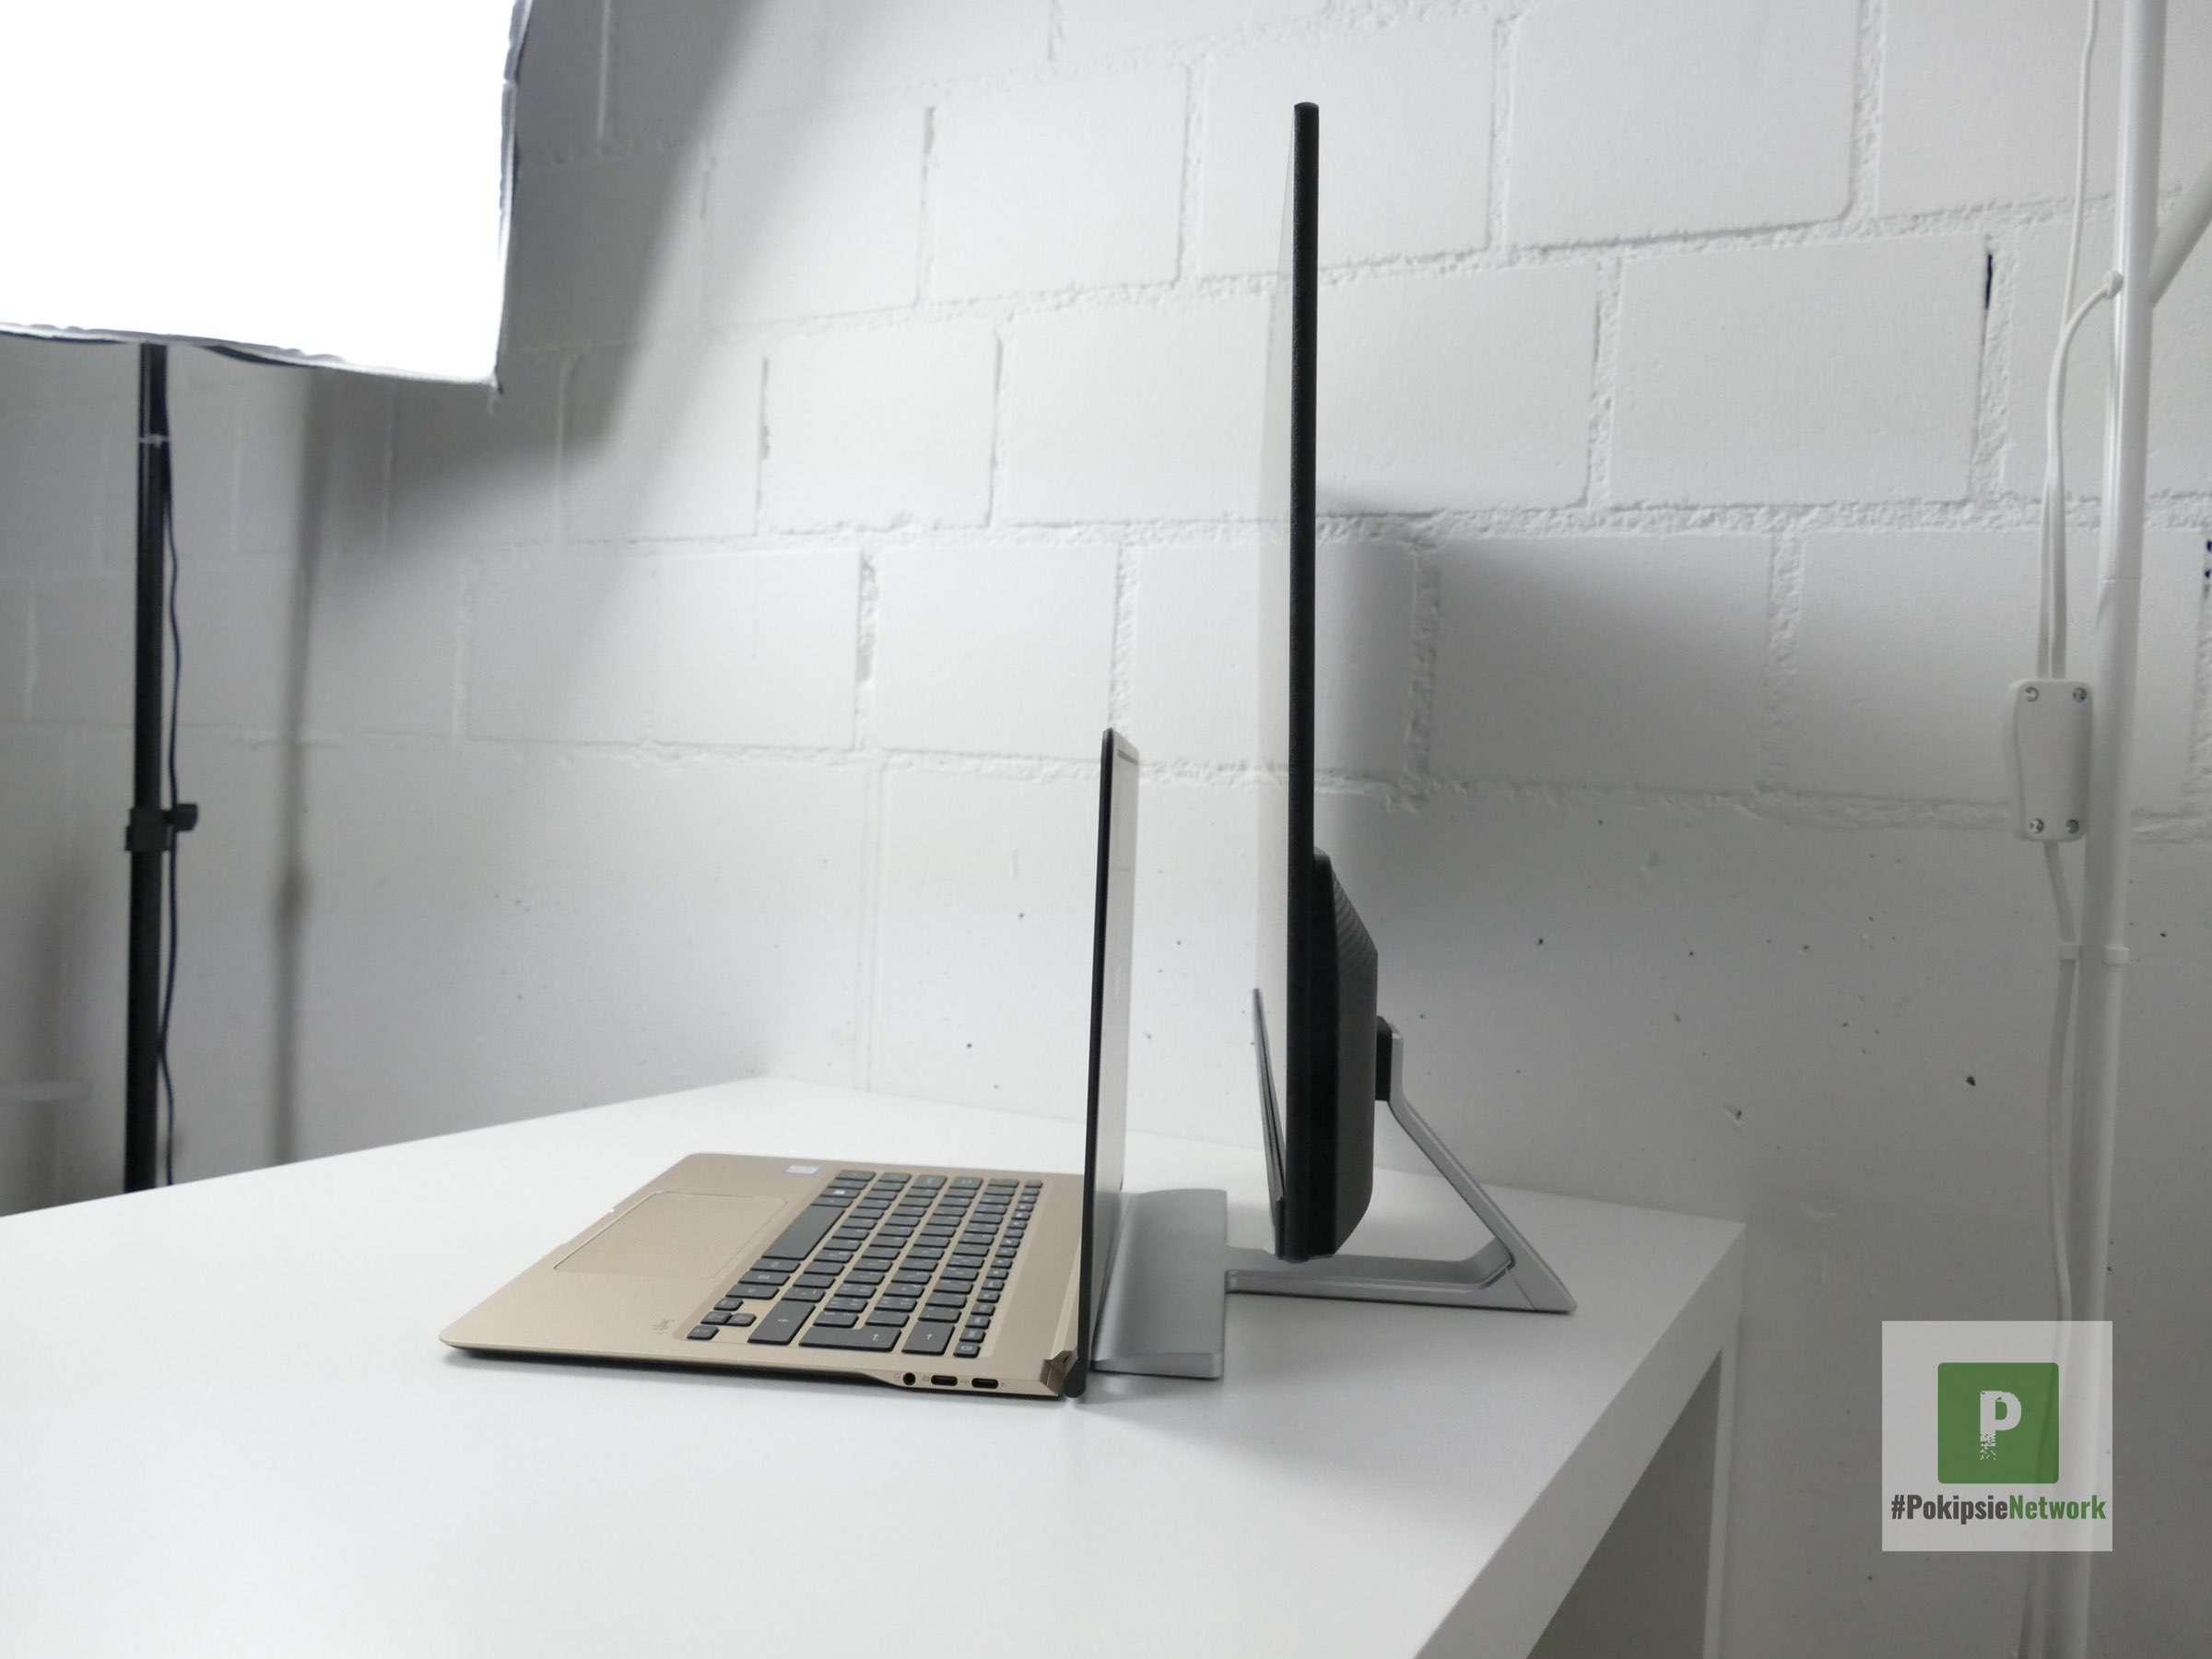 Acer Monitor und Swift 7 von der Seite